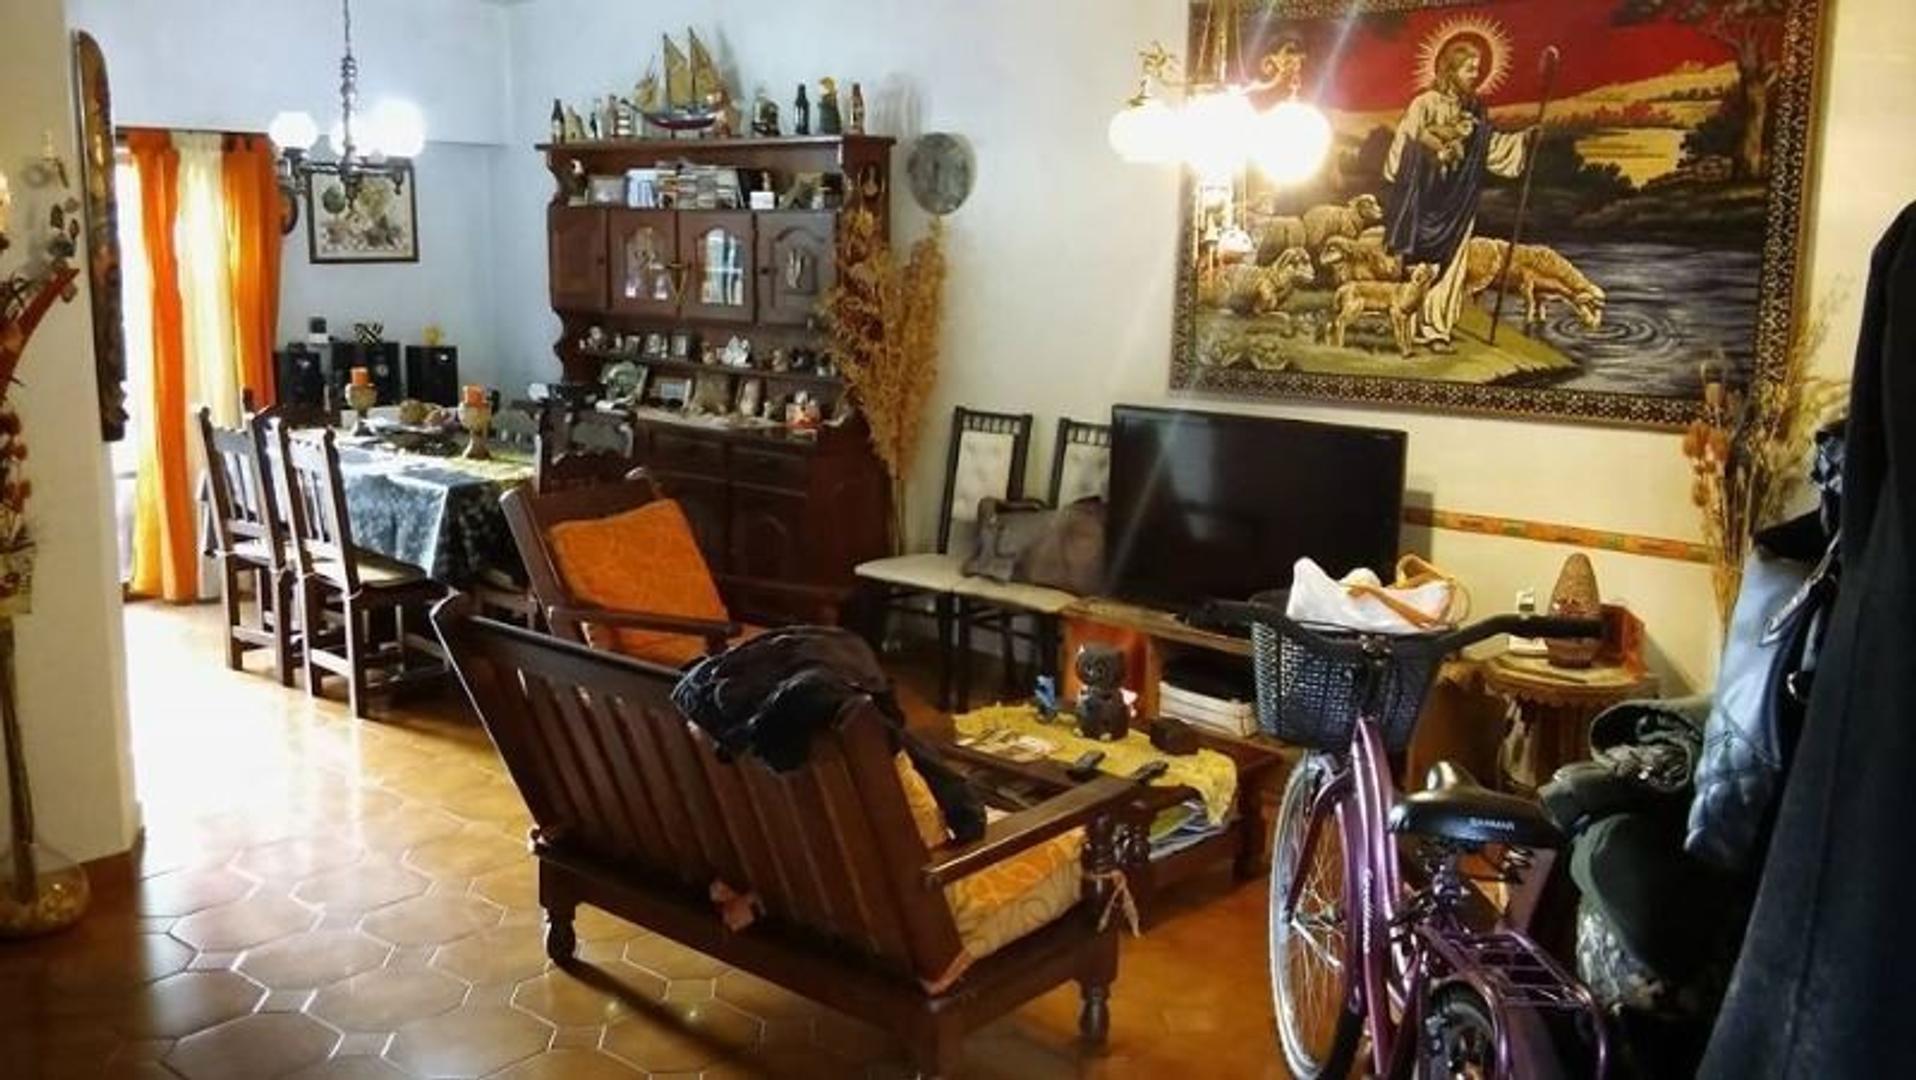 *RESERVADO* Casa de 4 ambientes con patio y cochera, en excelente zona residencial de Carapachay.